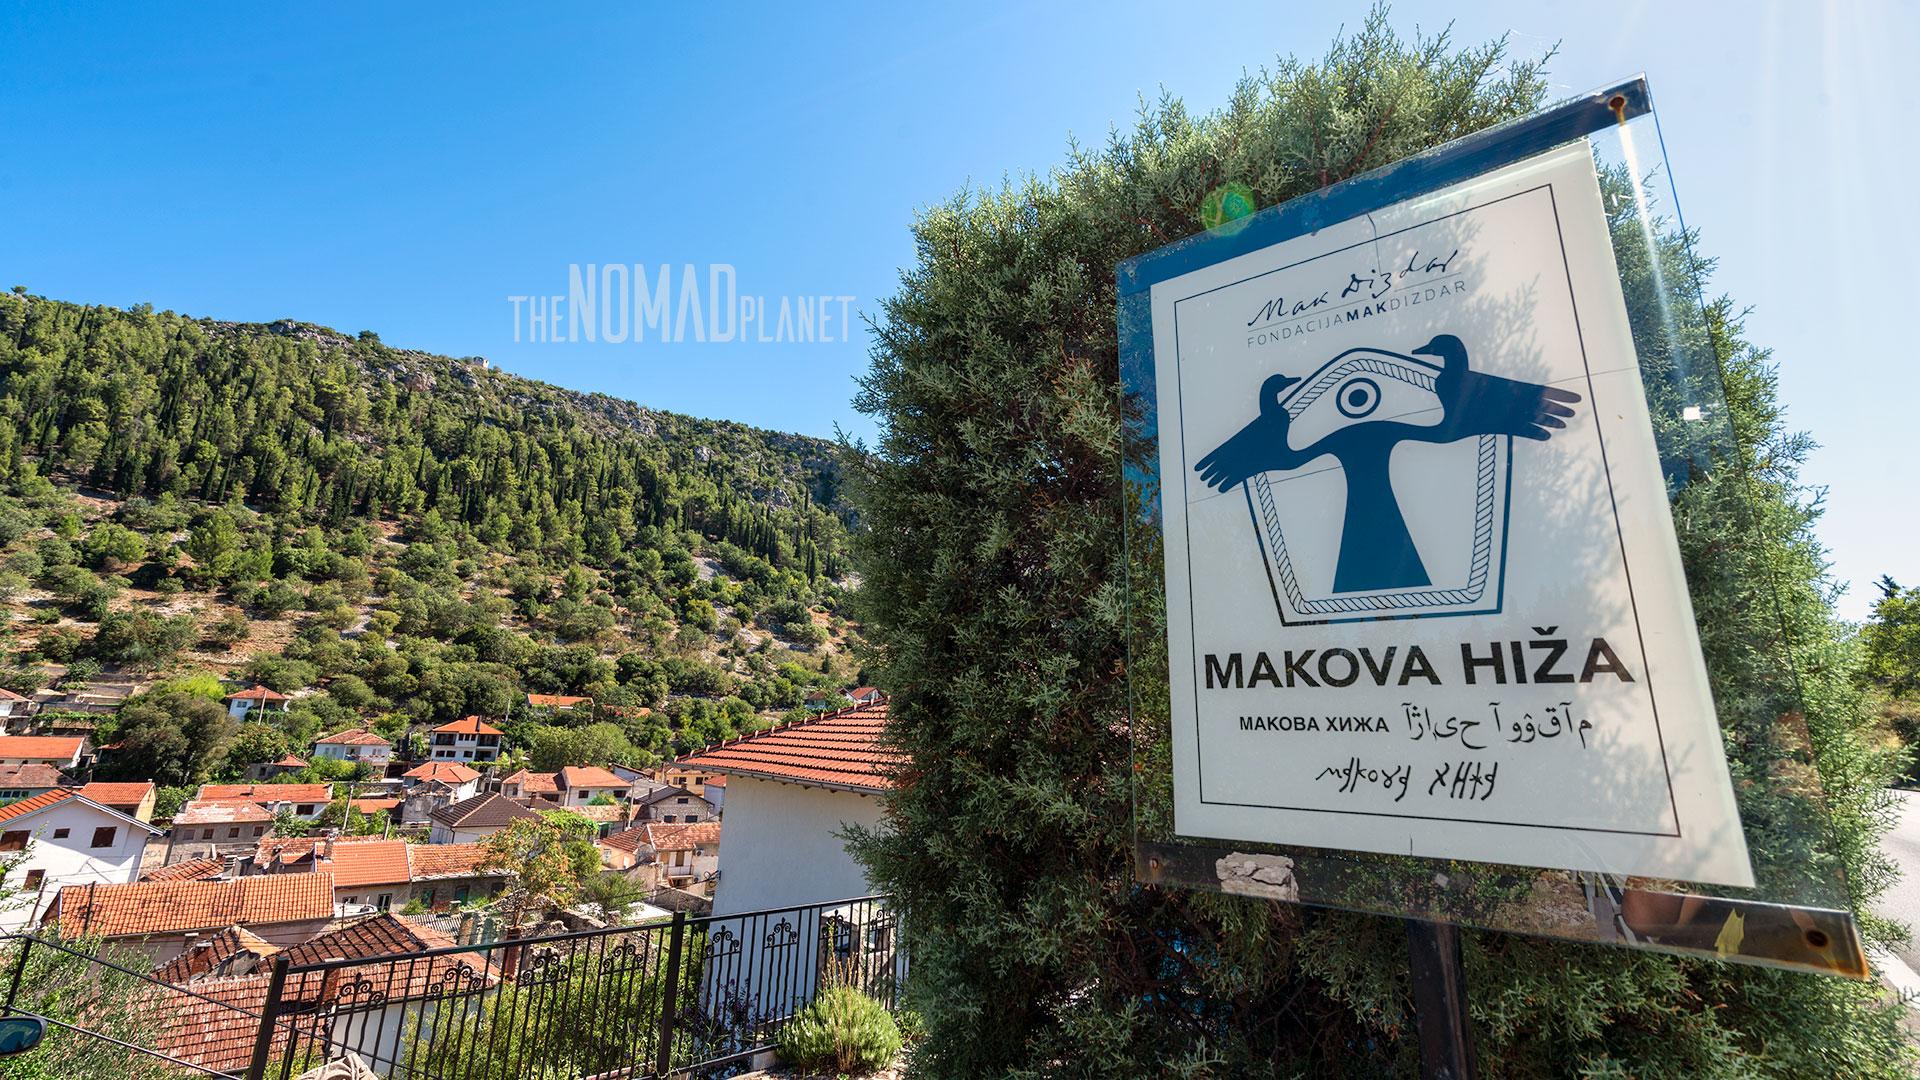 Makova hiza, Stolac